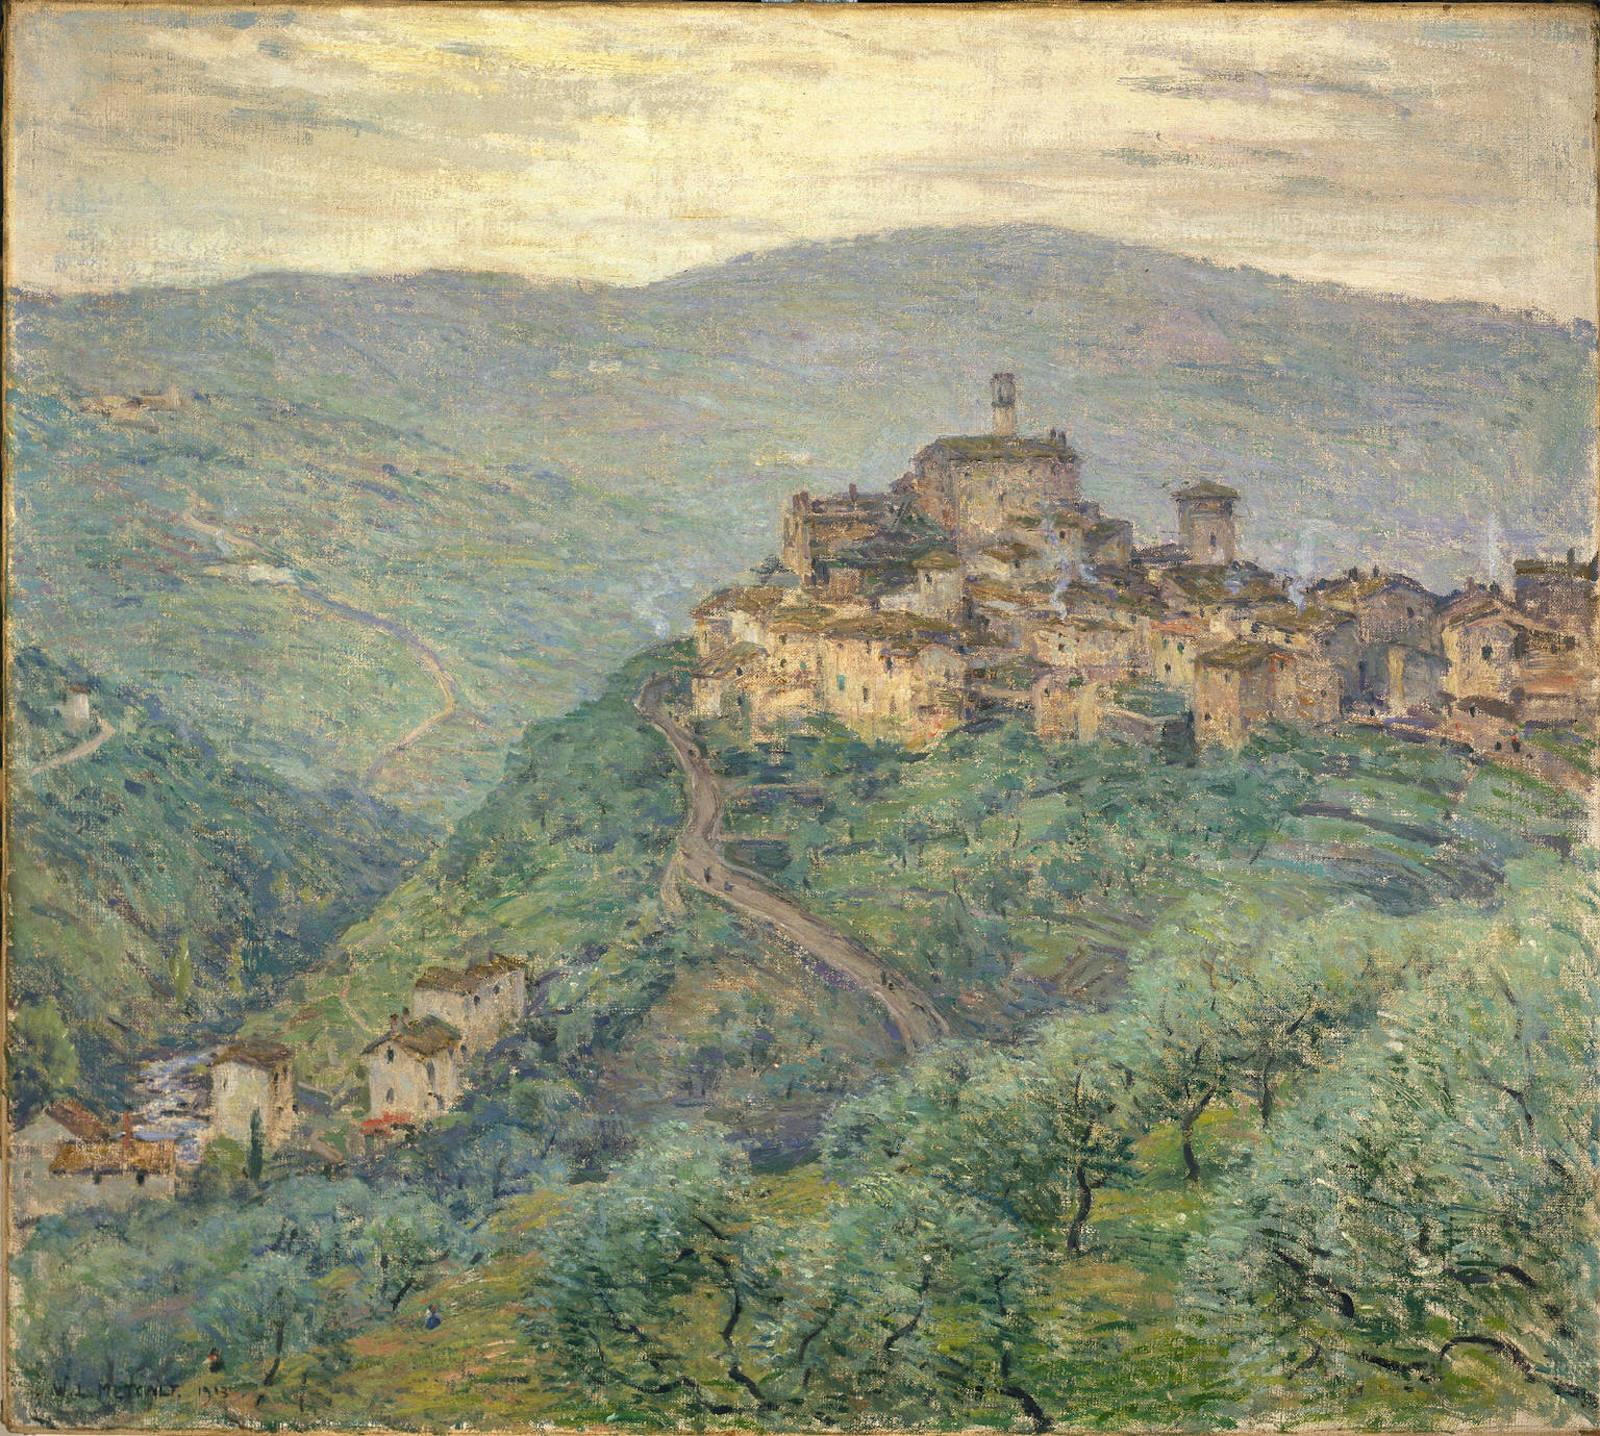 Pelago - Più vino per noialtri quassù - Toscana Ovunque Bella